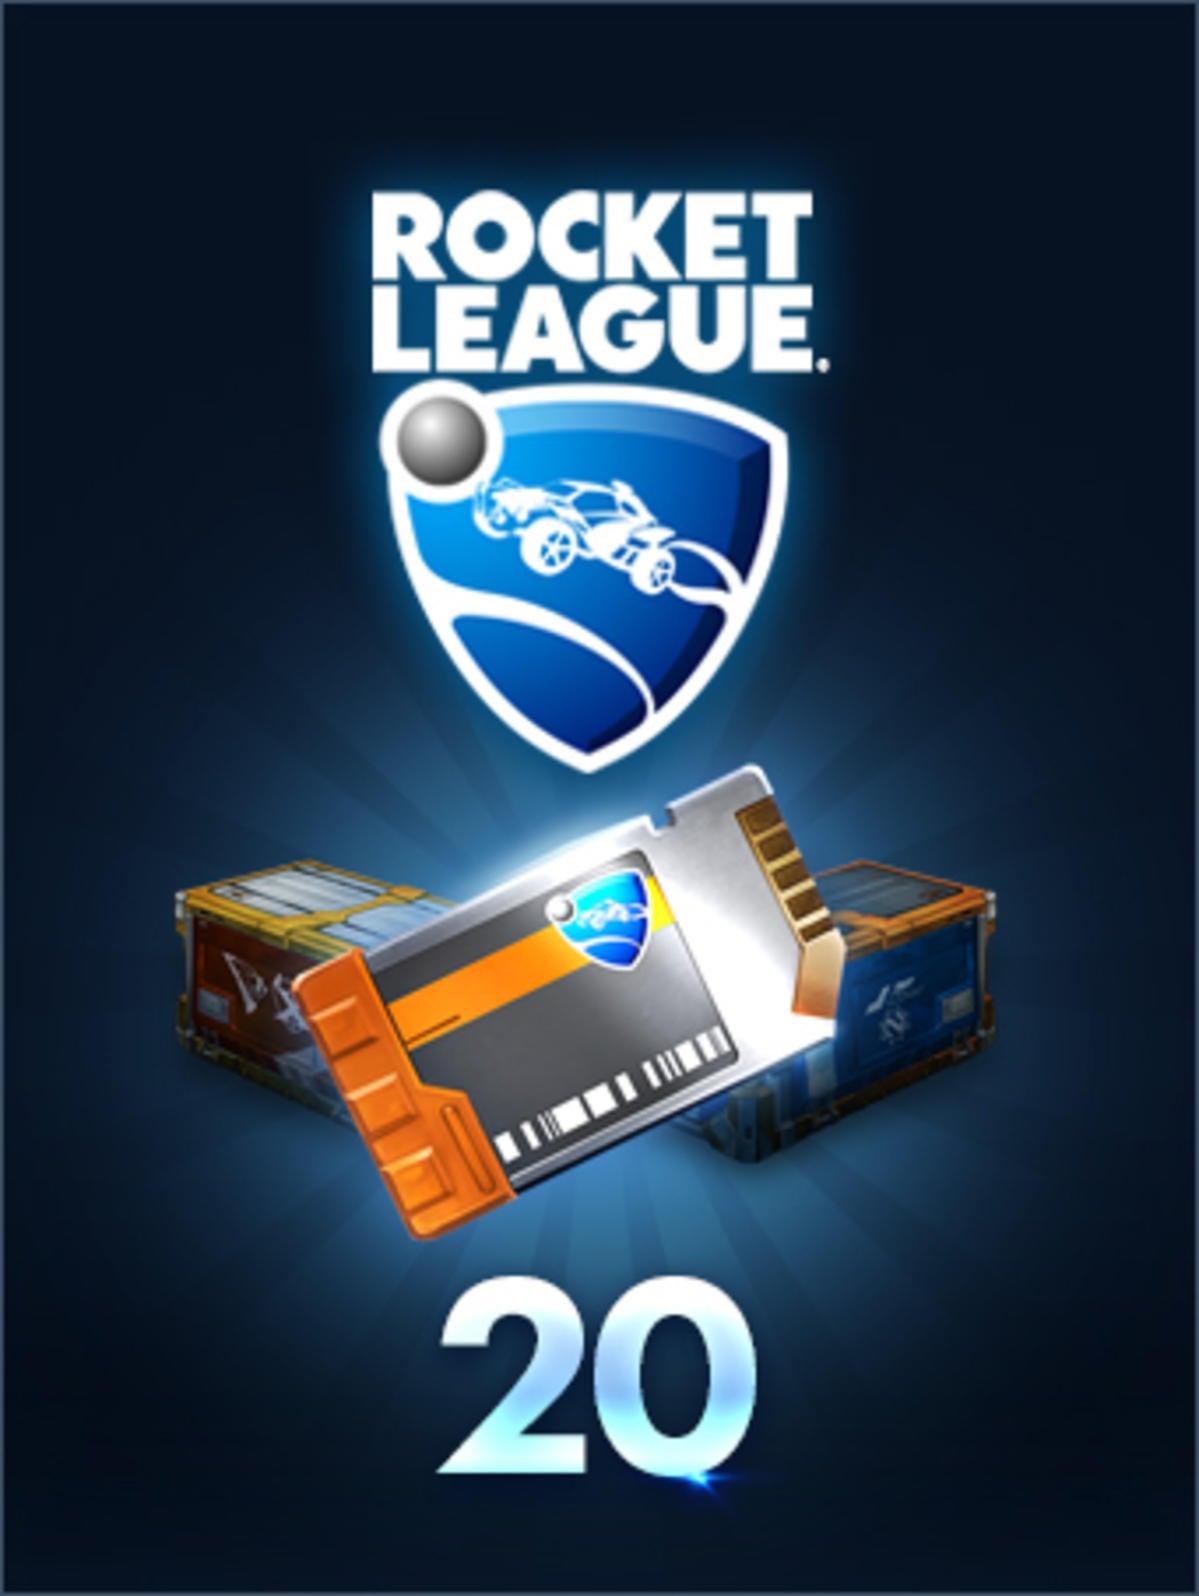 Rocket League Garage >> Crate Unlock Key x20 | Rocket League® - Official Site